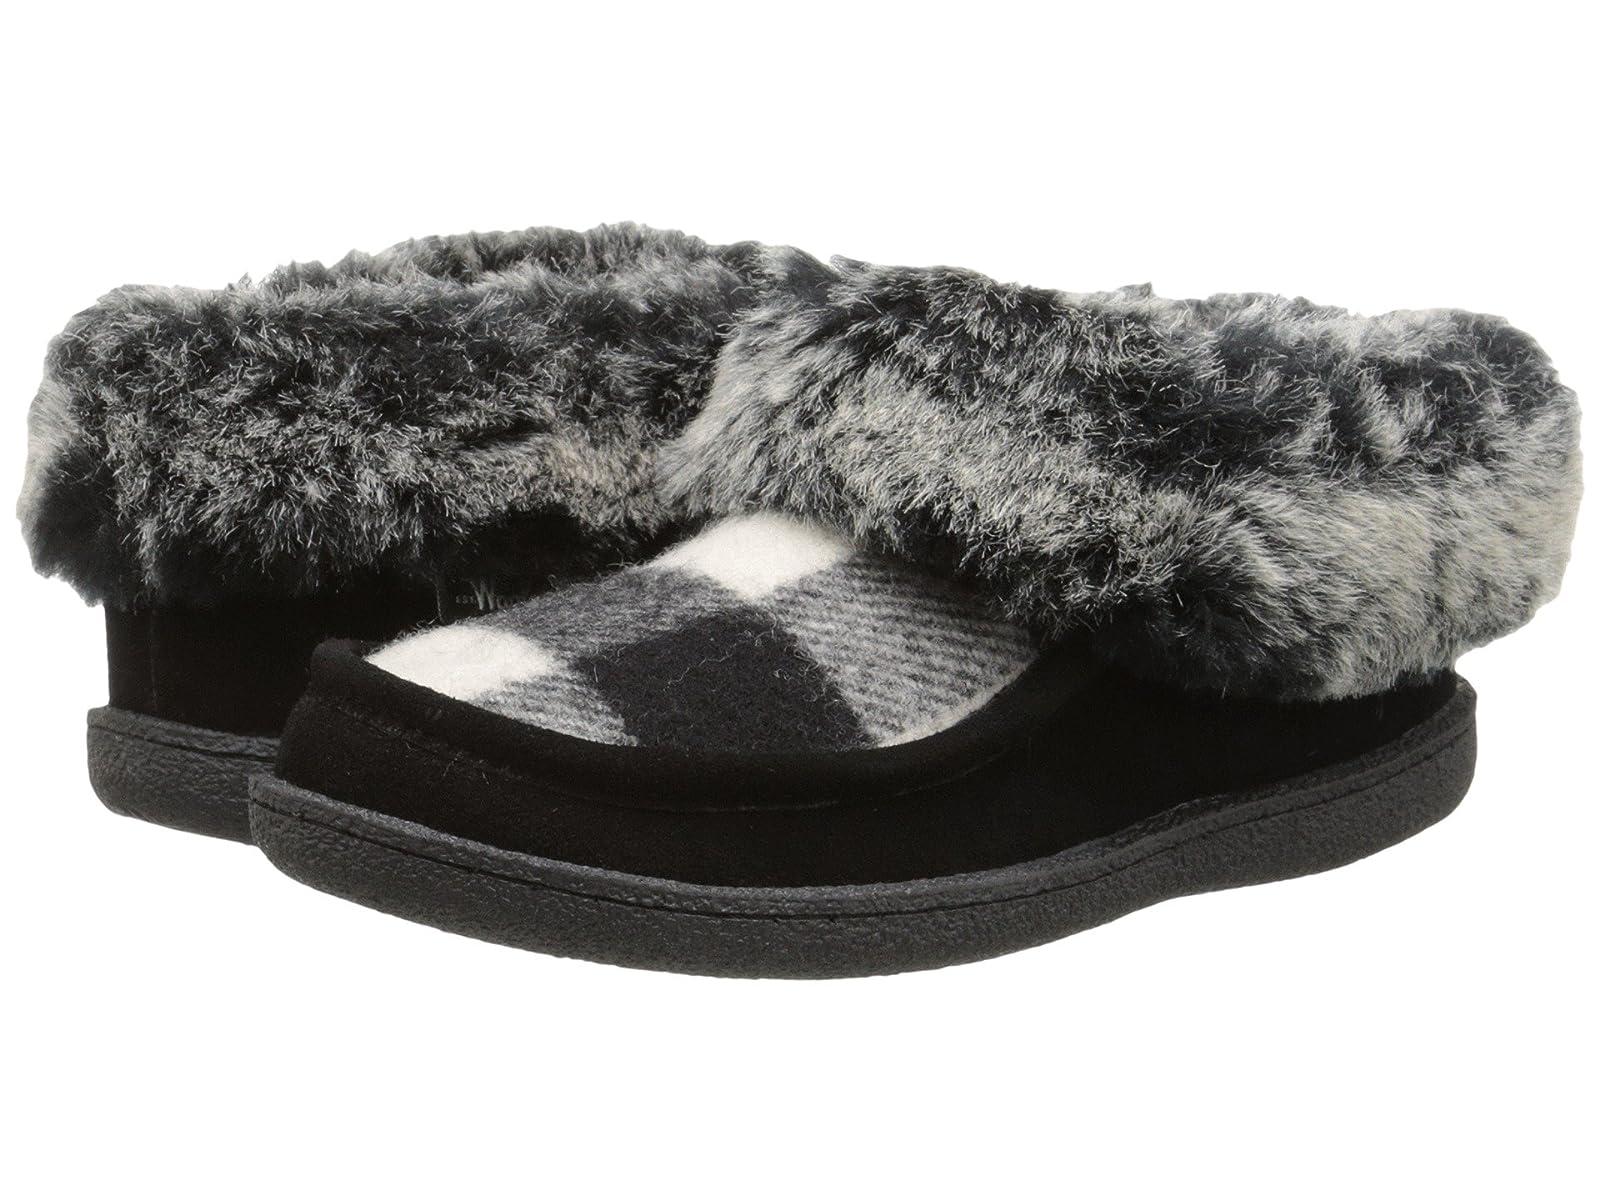 Woolrich Autumn RidgeCheap and distinctive eye-catching shoes